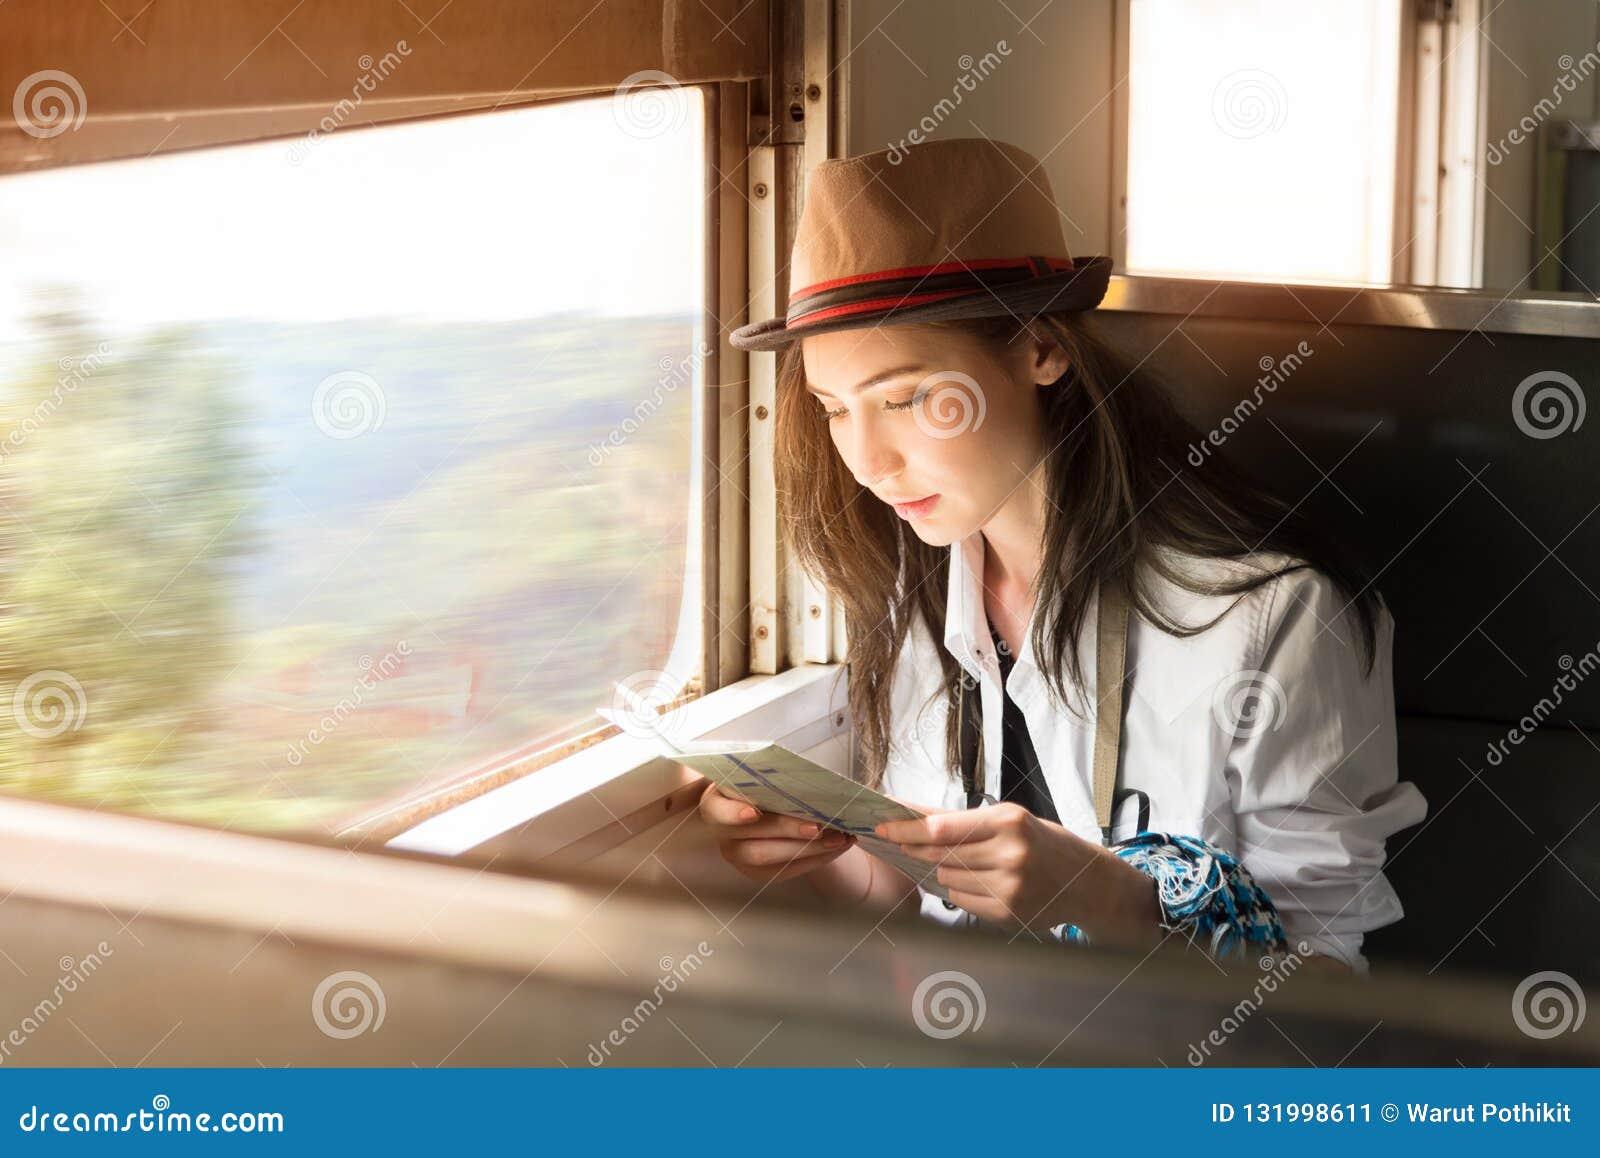 La giovane donna di viaggiatore con zaino e sacco a pelo dell Asia viaggia in treno